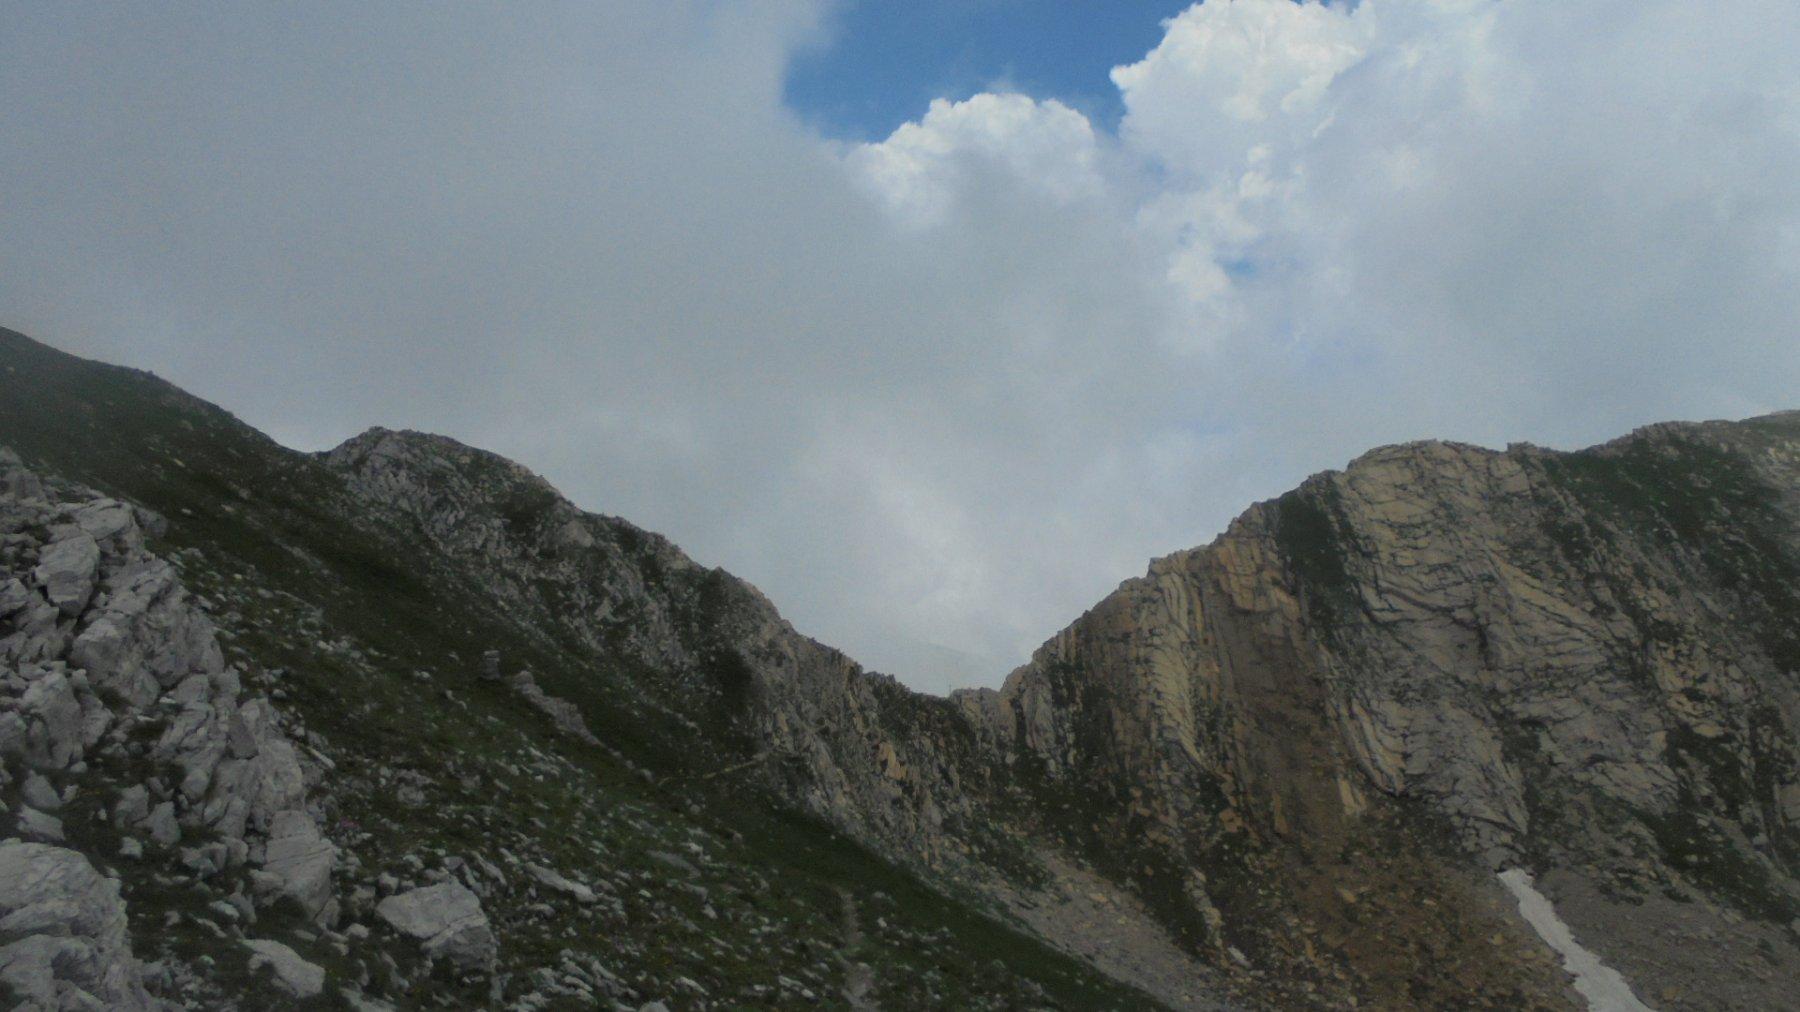 Verso l'intaglio del colle Palù, qualche tratto attrezzato con corde fisse. A sinistra Cima Bozano, a destra Palù